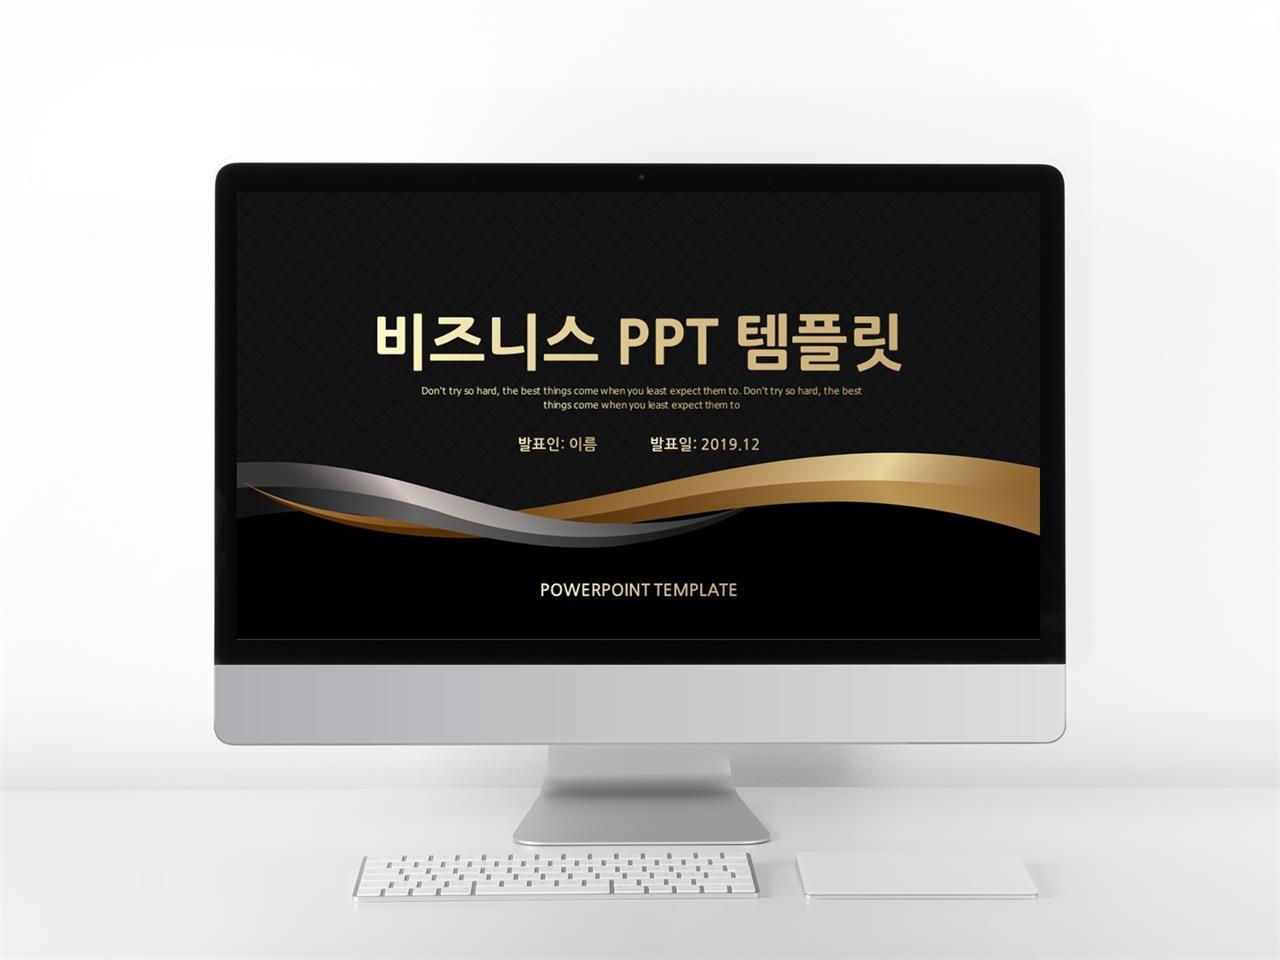 상업계획 옐로우 어둑어둑한 프로급 파워포인트배경 사이트 미리보기